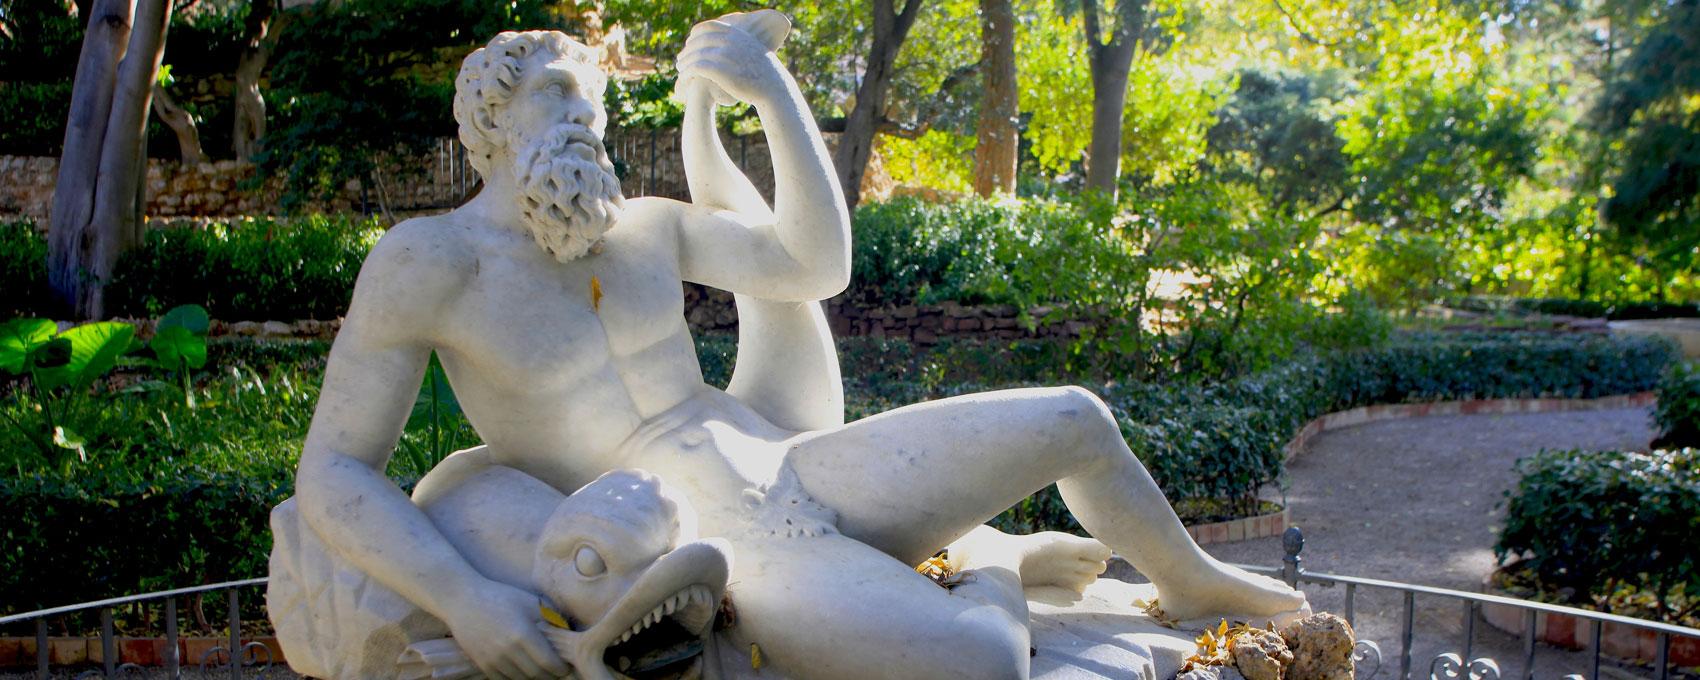 Font de Posidó La font que representa al deu Posidó o Neptú està situada al peu de la Muntanyeta i junt a l'entrada de la Gruta. La figura de marbre descansa sobre un pedestal realitzat amb cudols